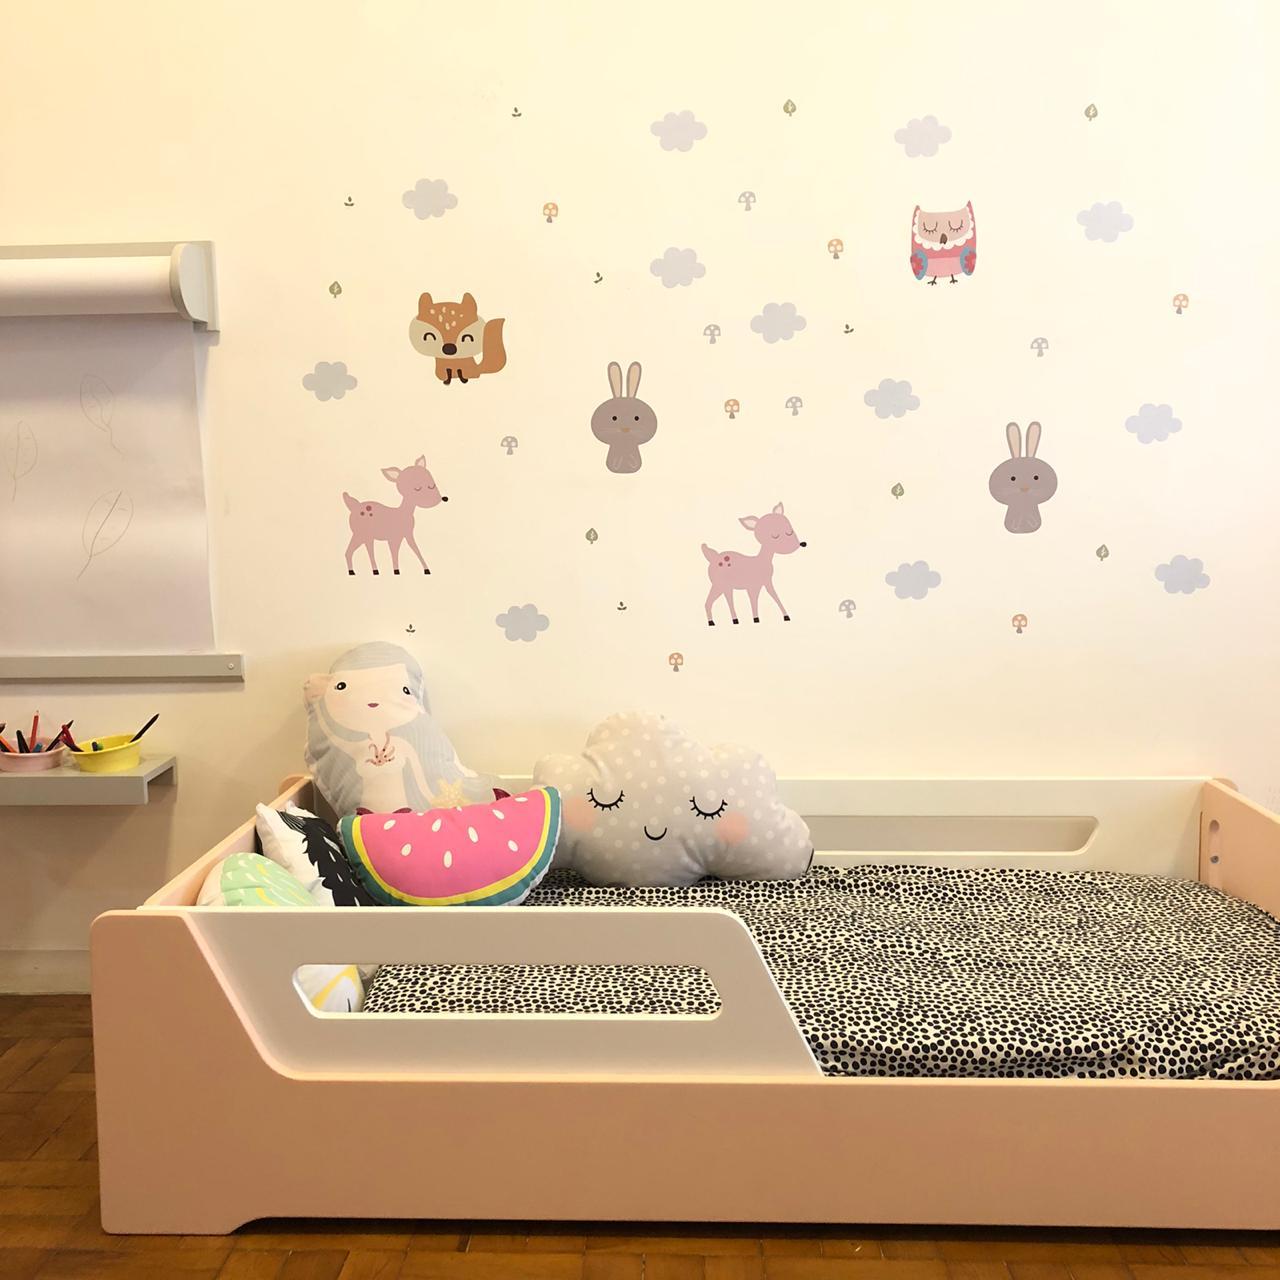 Adesivo de parede Infantil Bichos Fofos